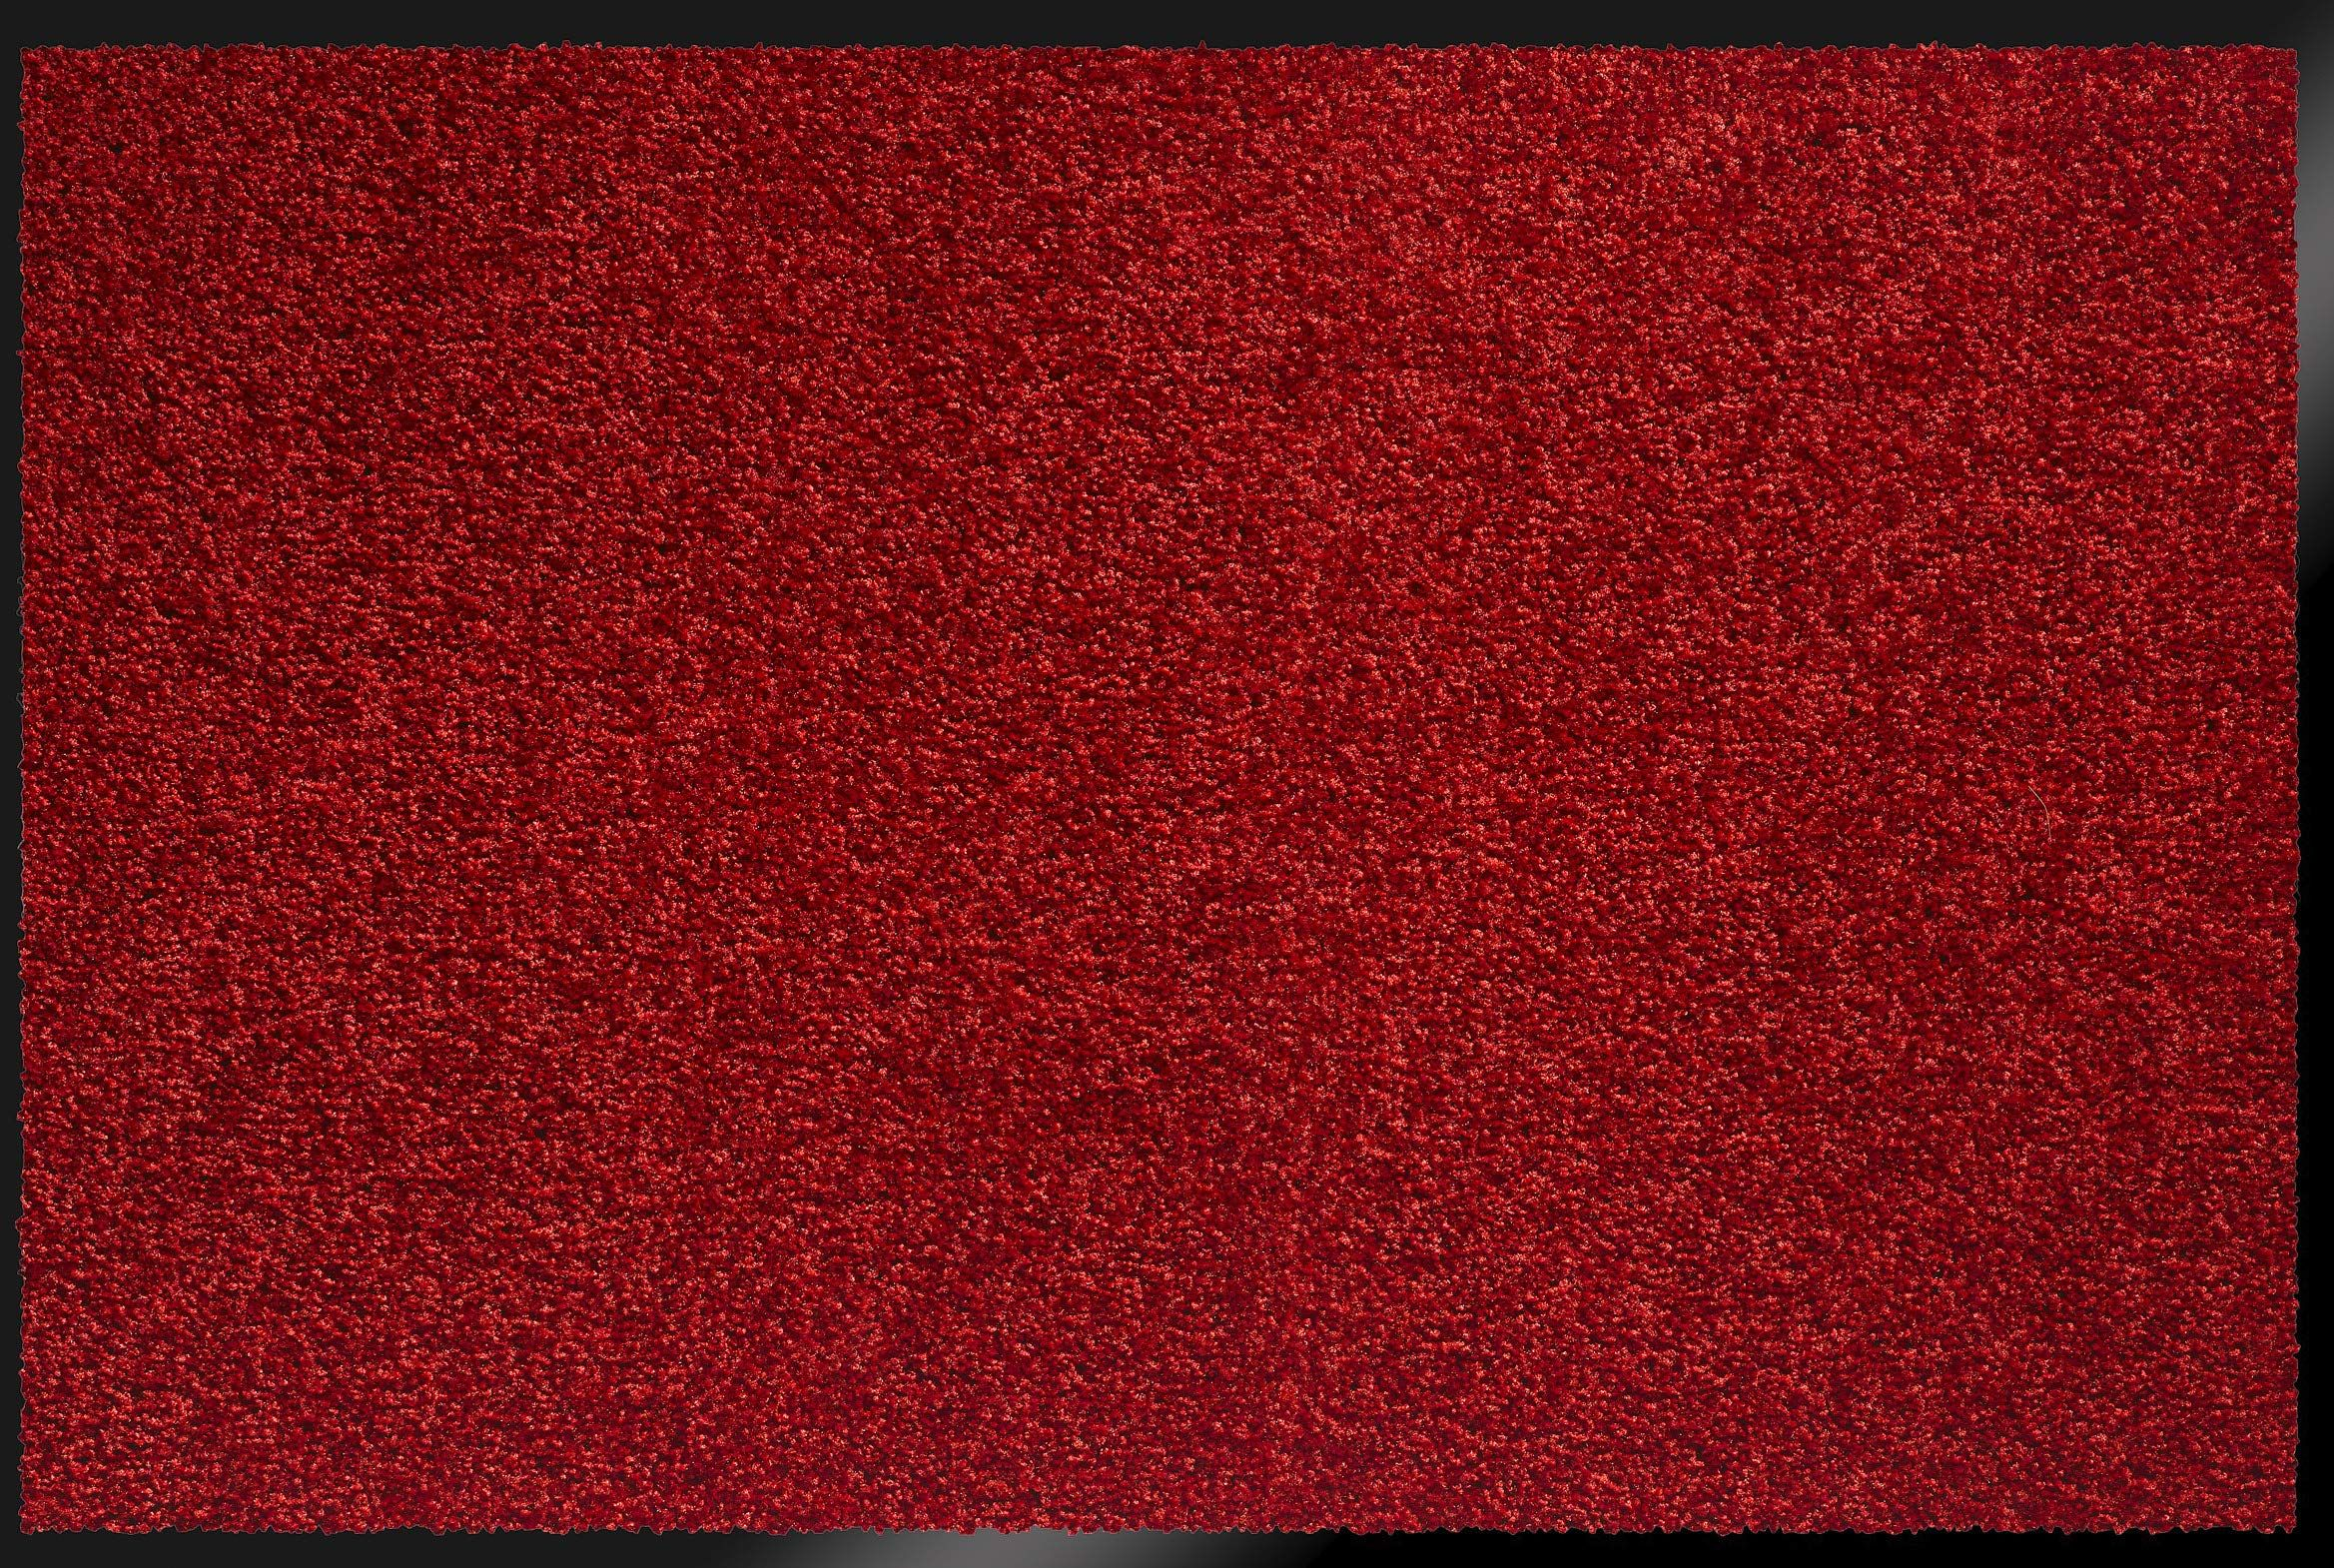 ID Matt 8012004 Mirande dywan wycieraczka włókno nylon/PCW gumowany czerwony 120 x 80 x 0,9 cm